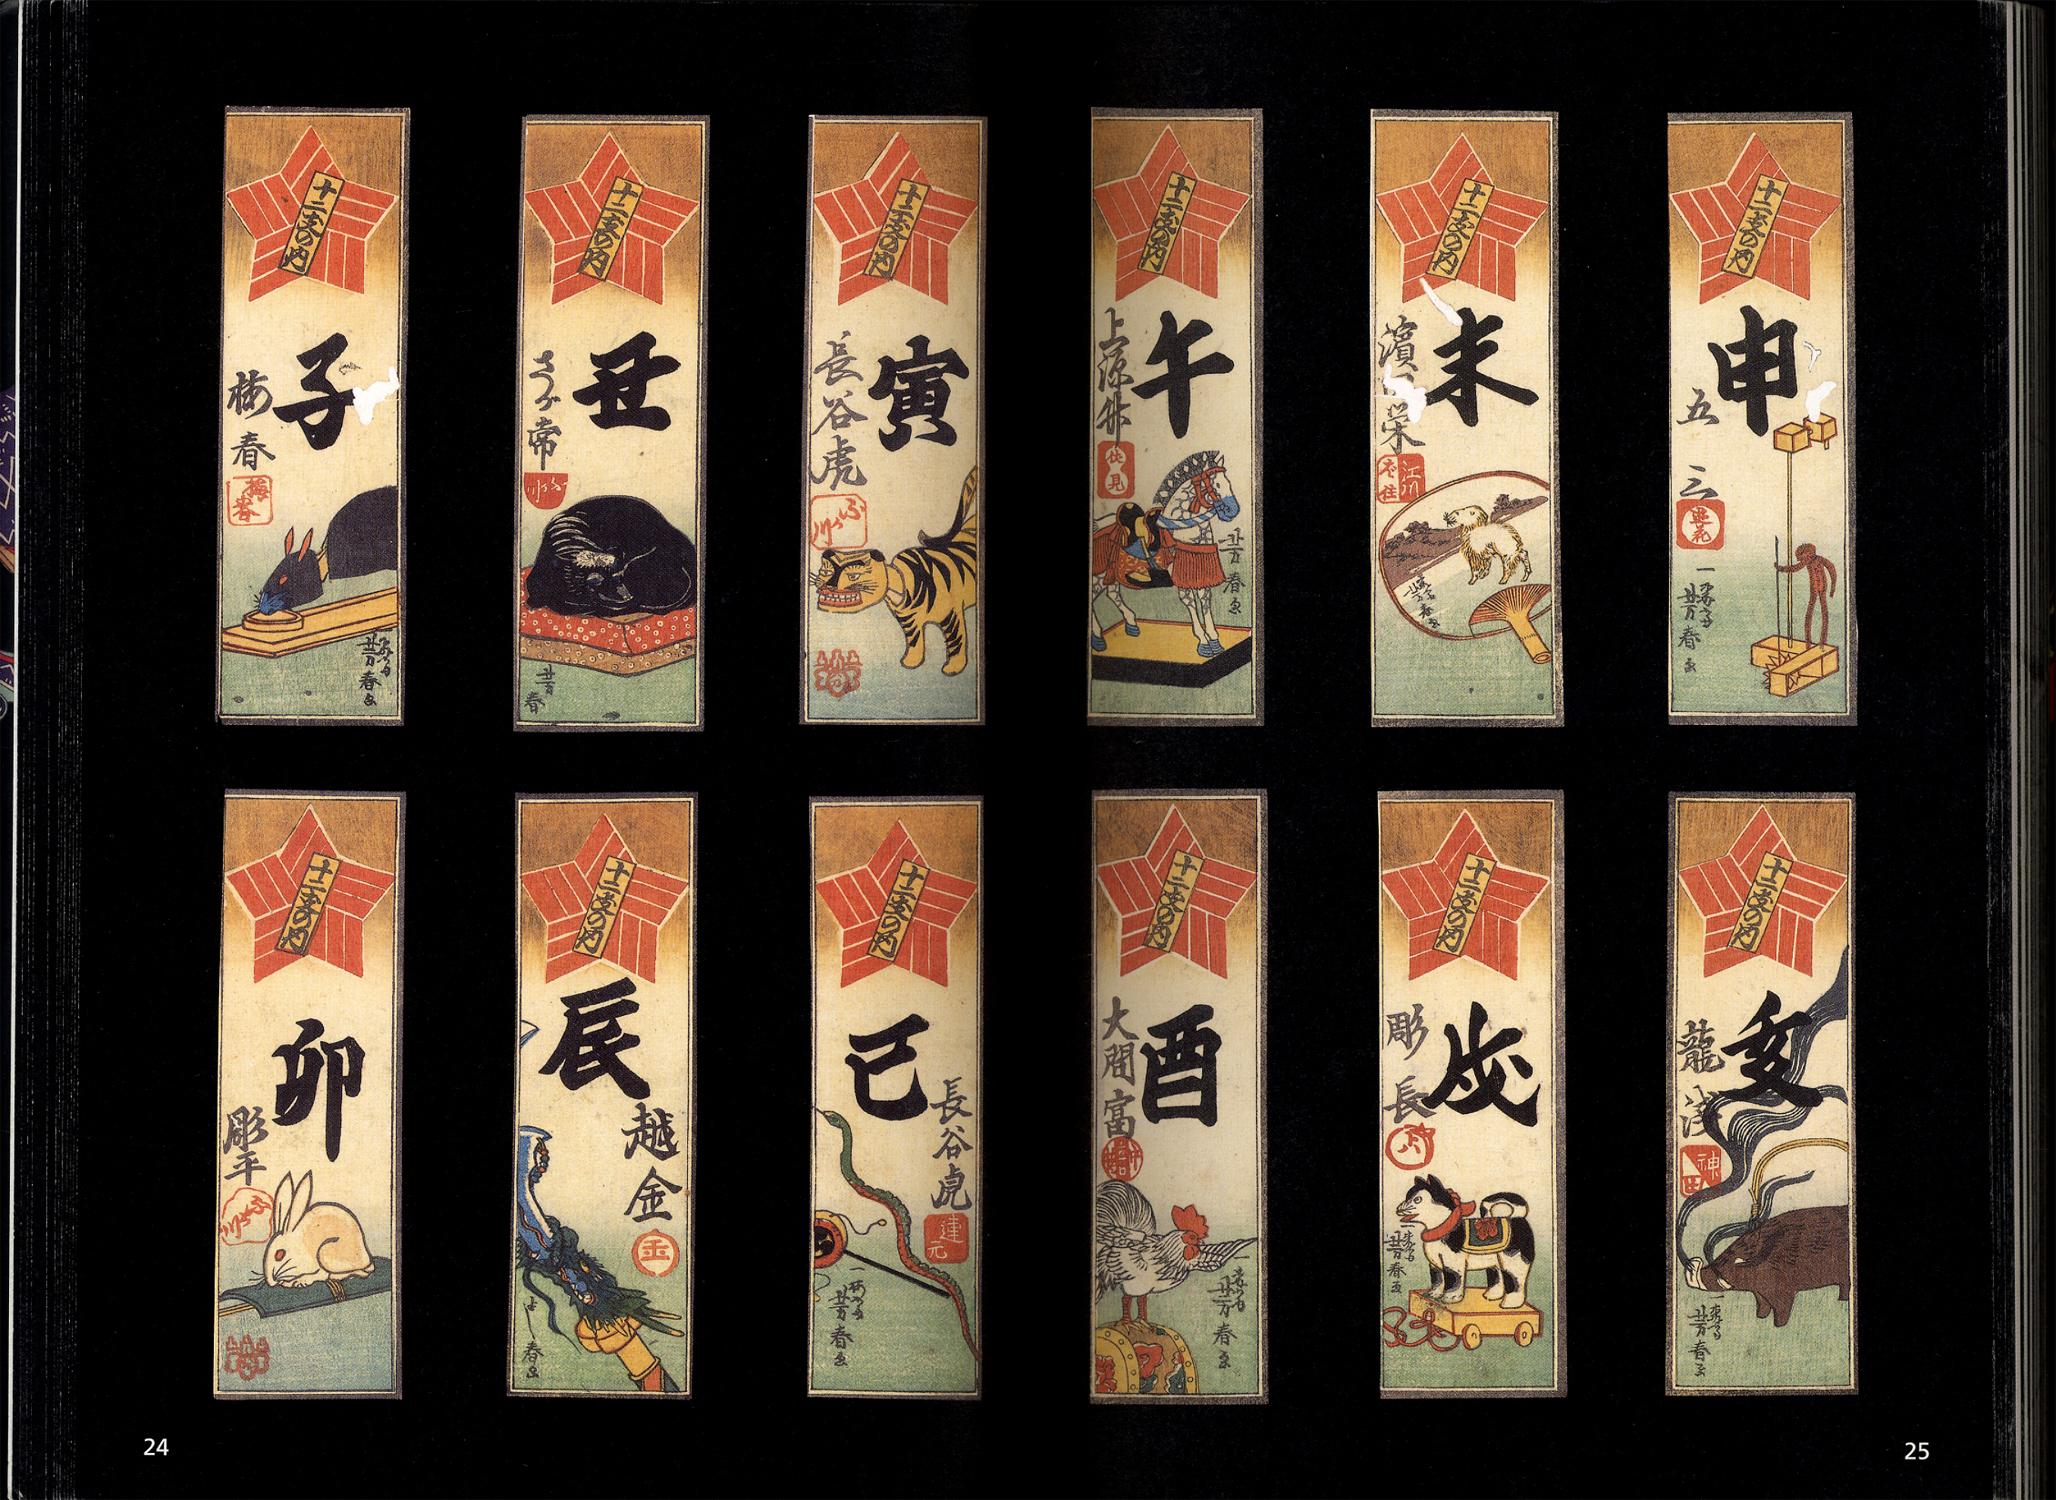 千社札 Sensha Fuda[image2]